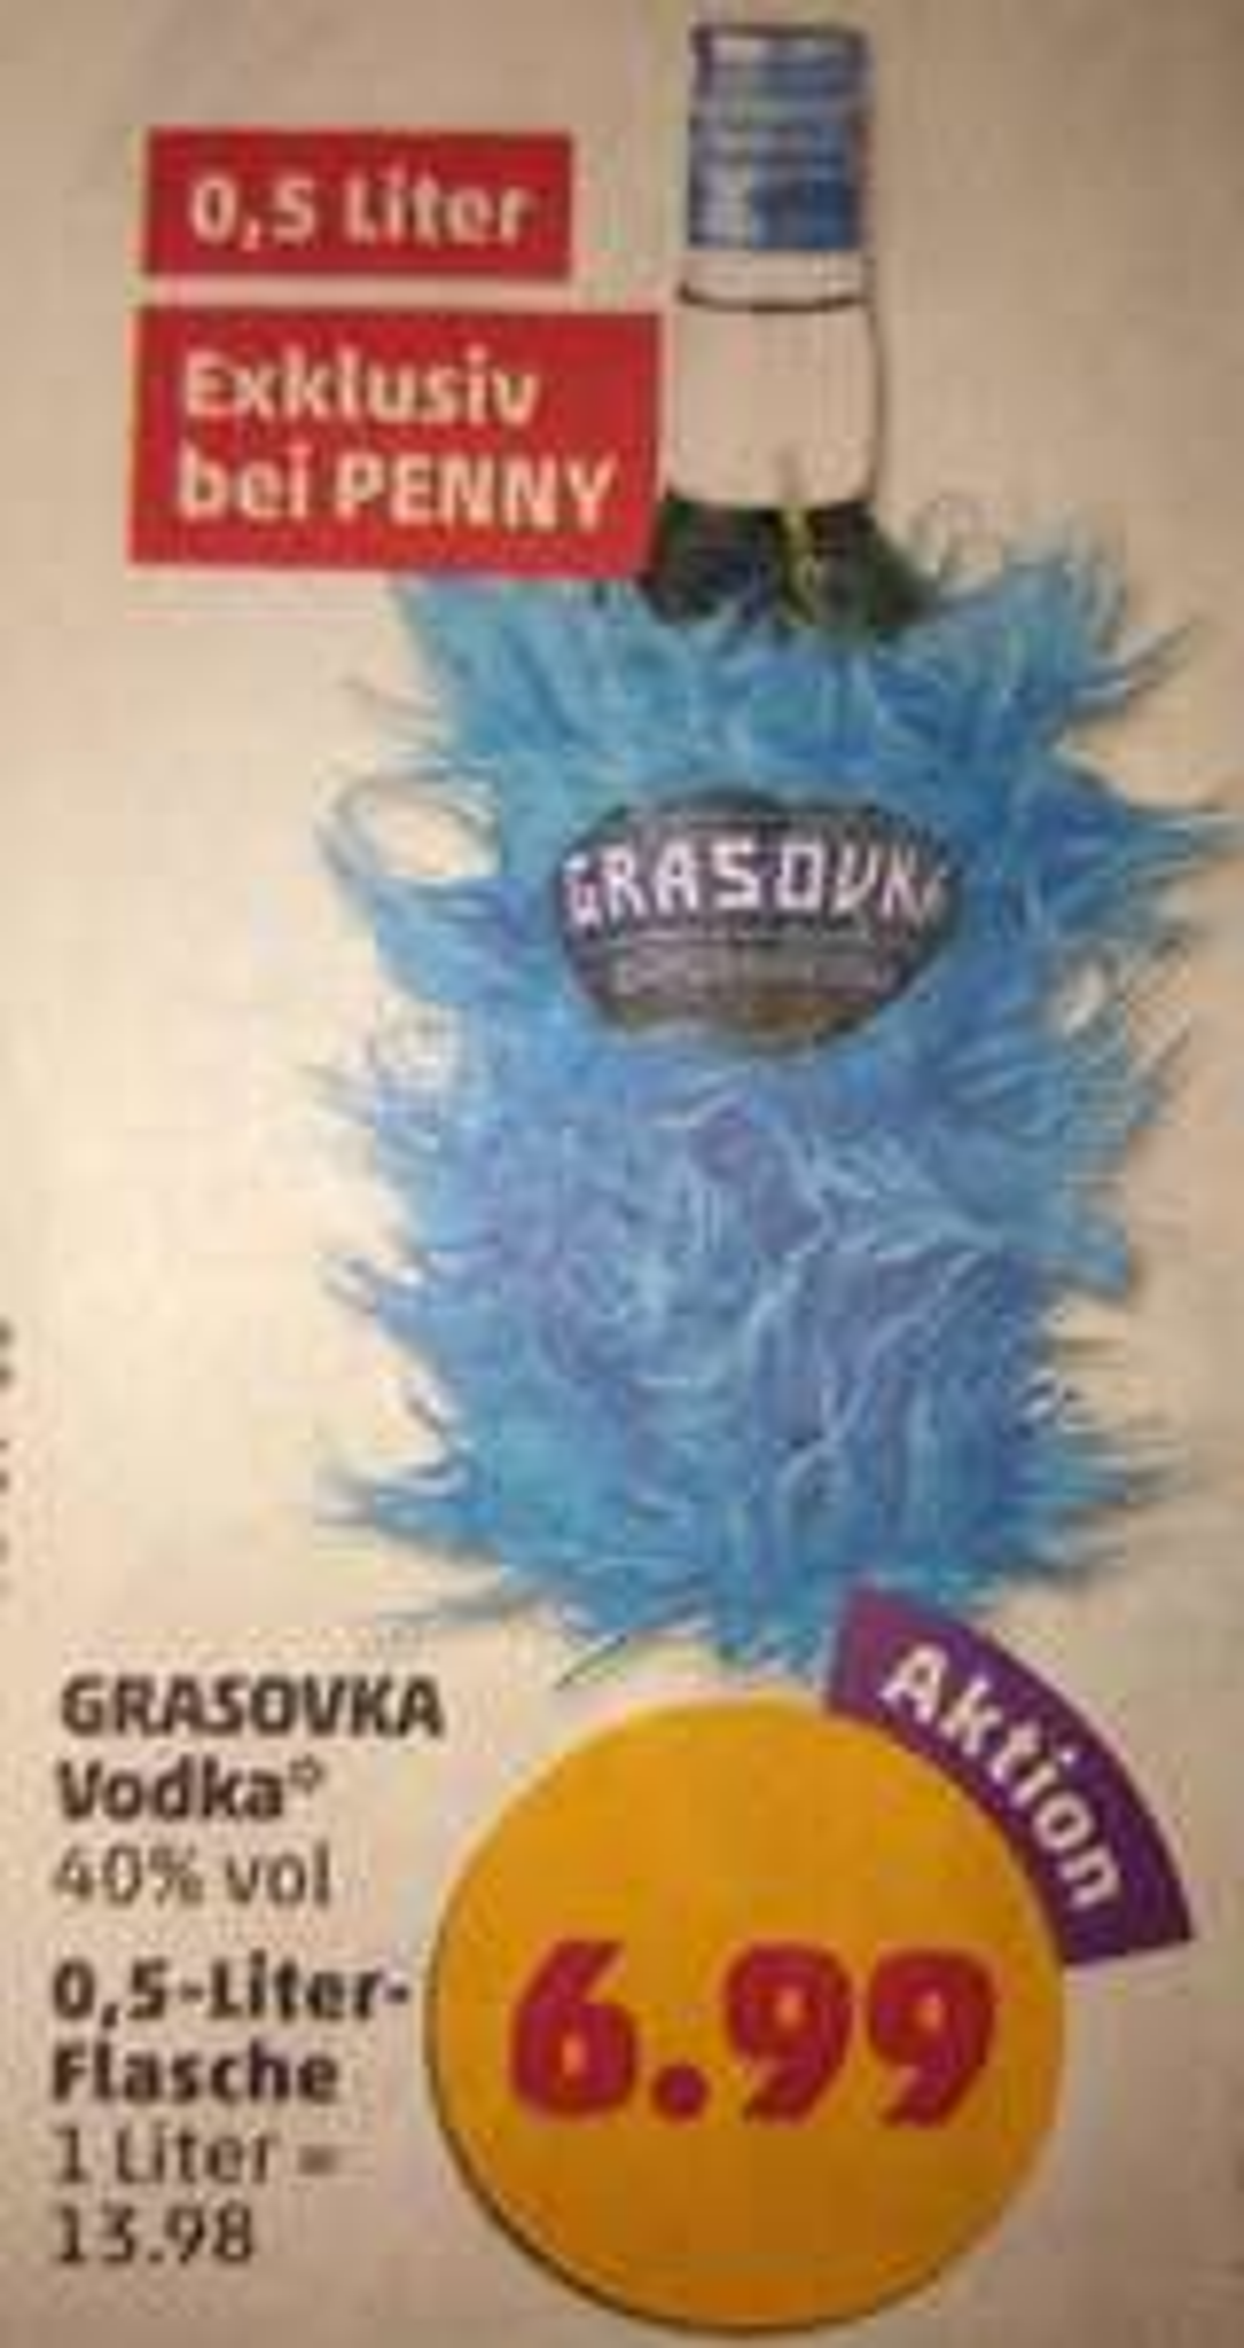 6 Flaschen Vodka Grasovka 0,5l für 6,16€/Flasche am Freitag 18-23 Uhr bei Penny